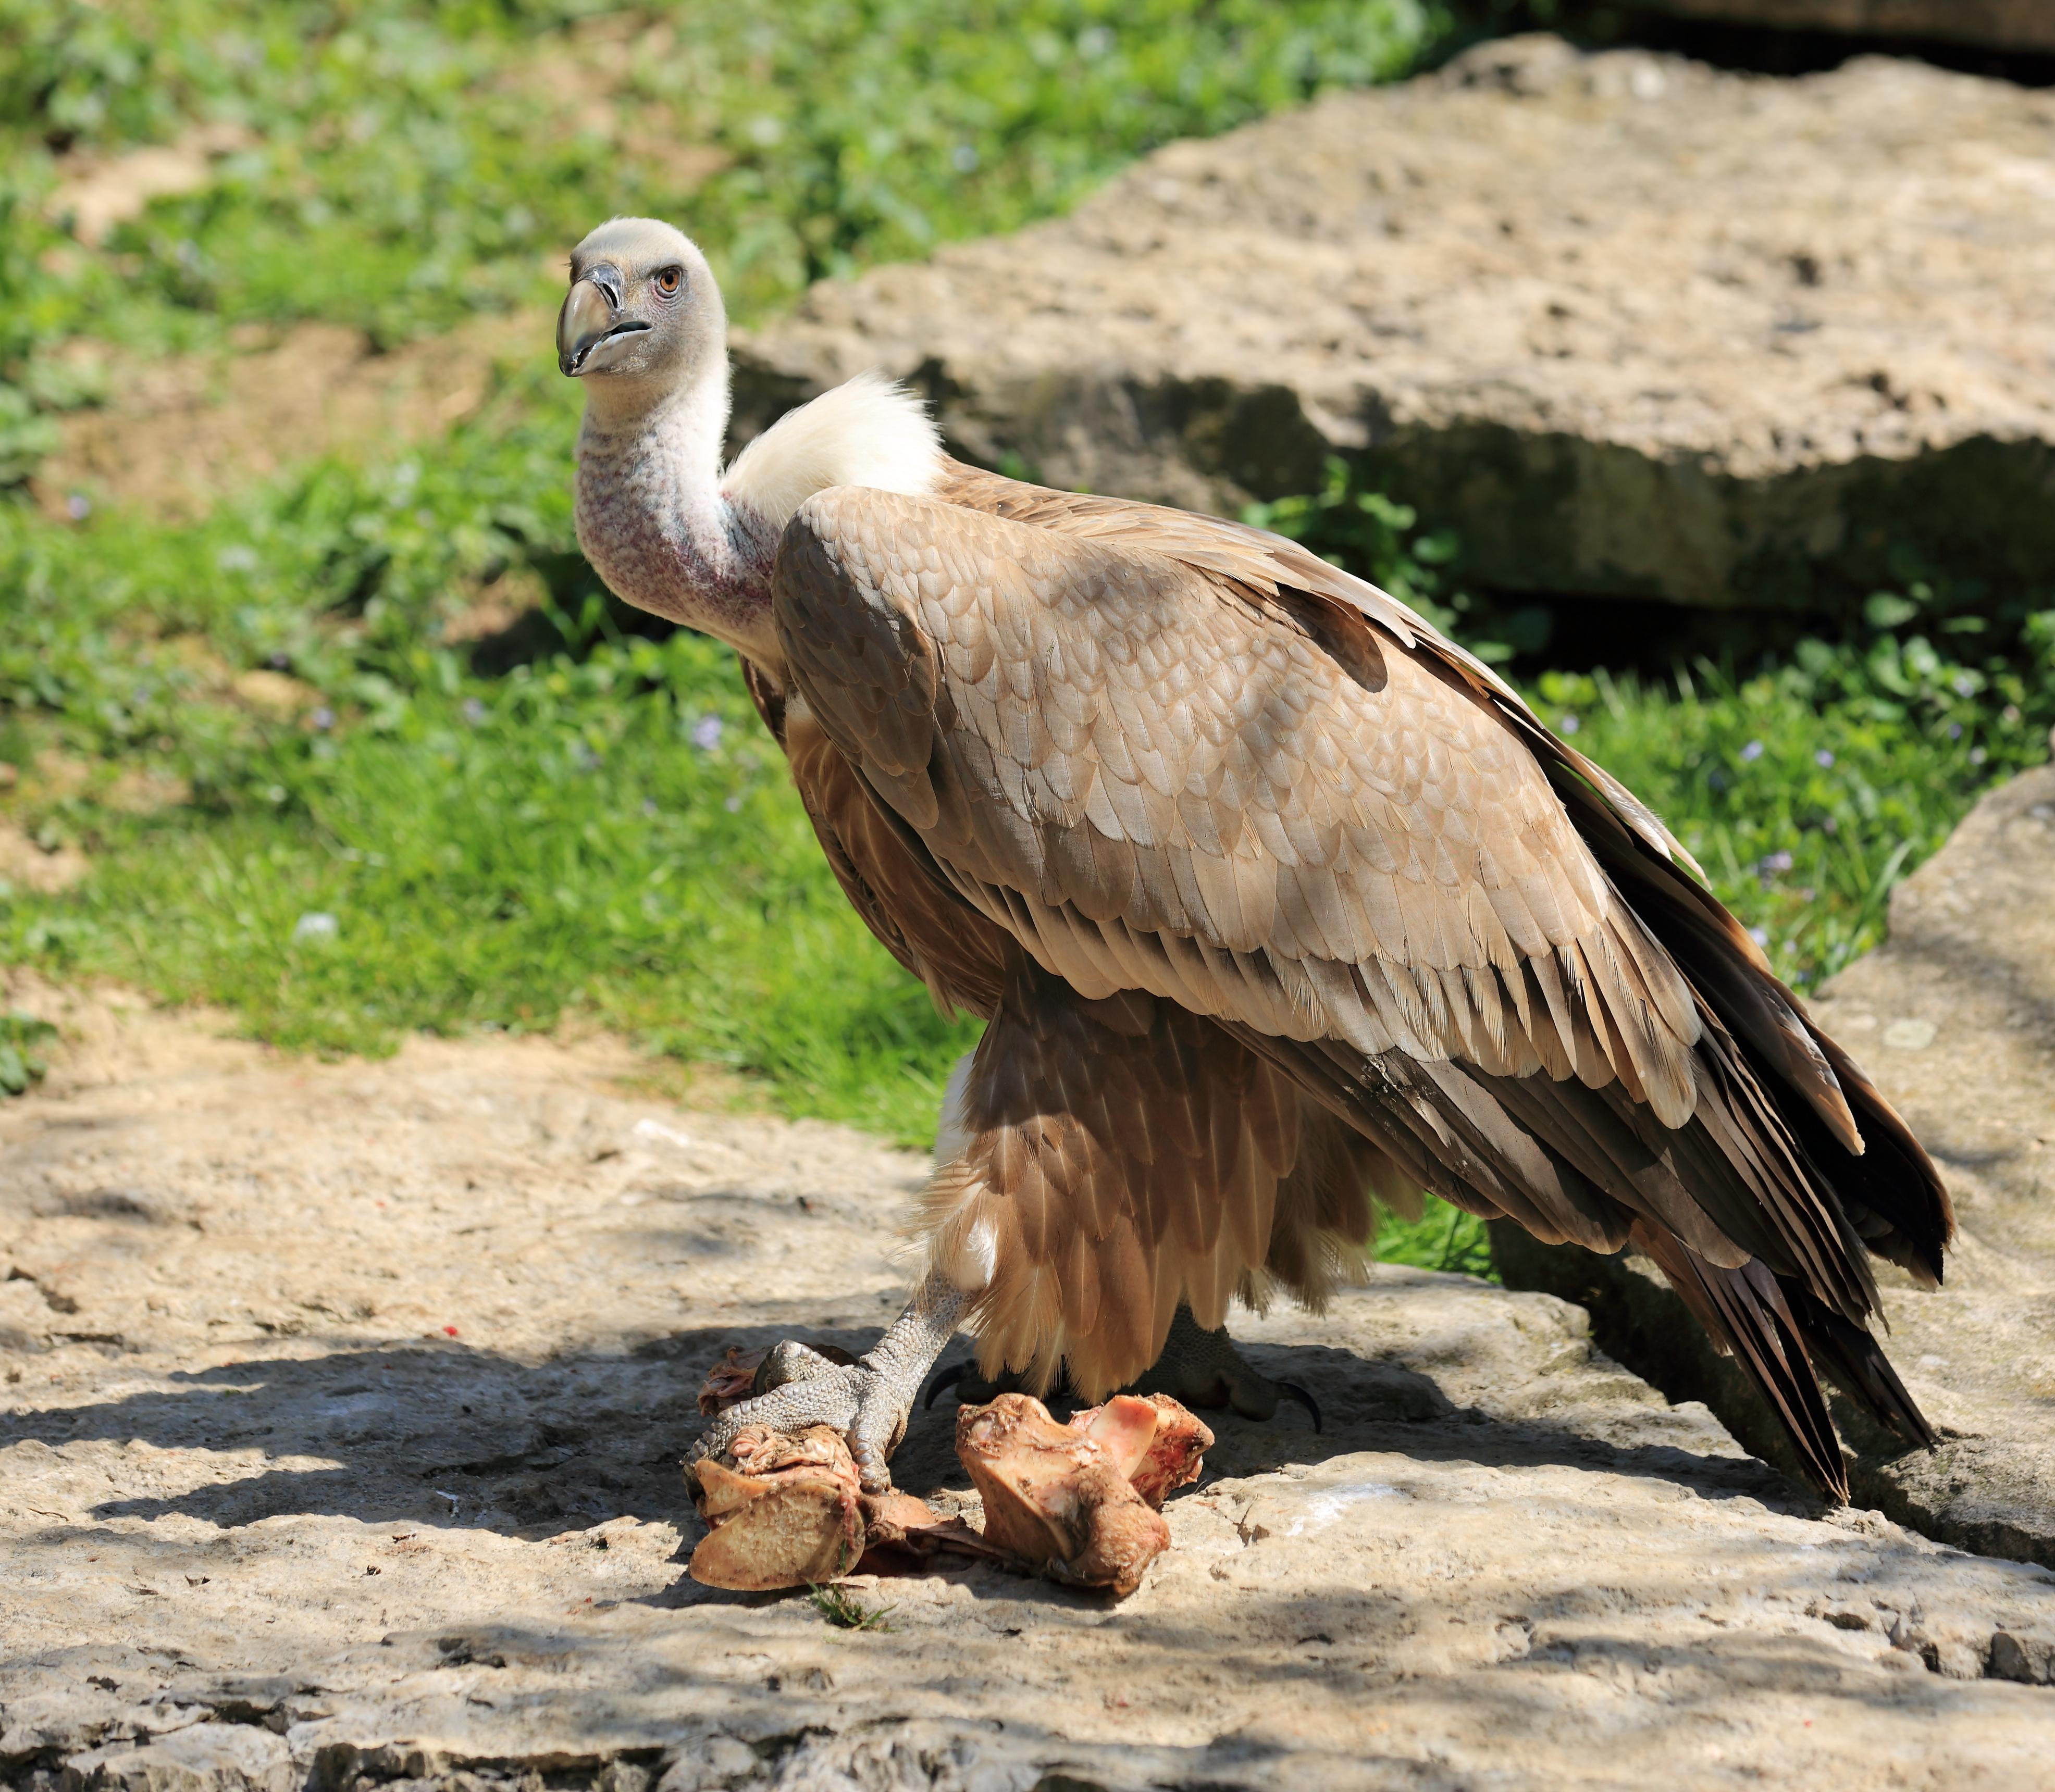 vautour-fauve-%C2%A9-joel-behr-fotolia-c